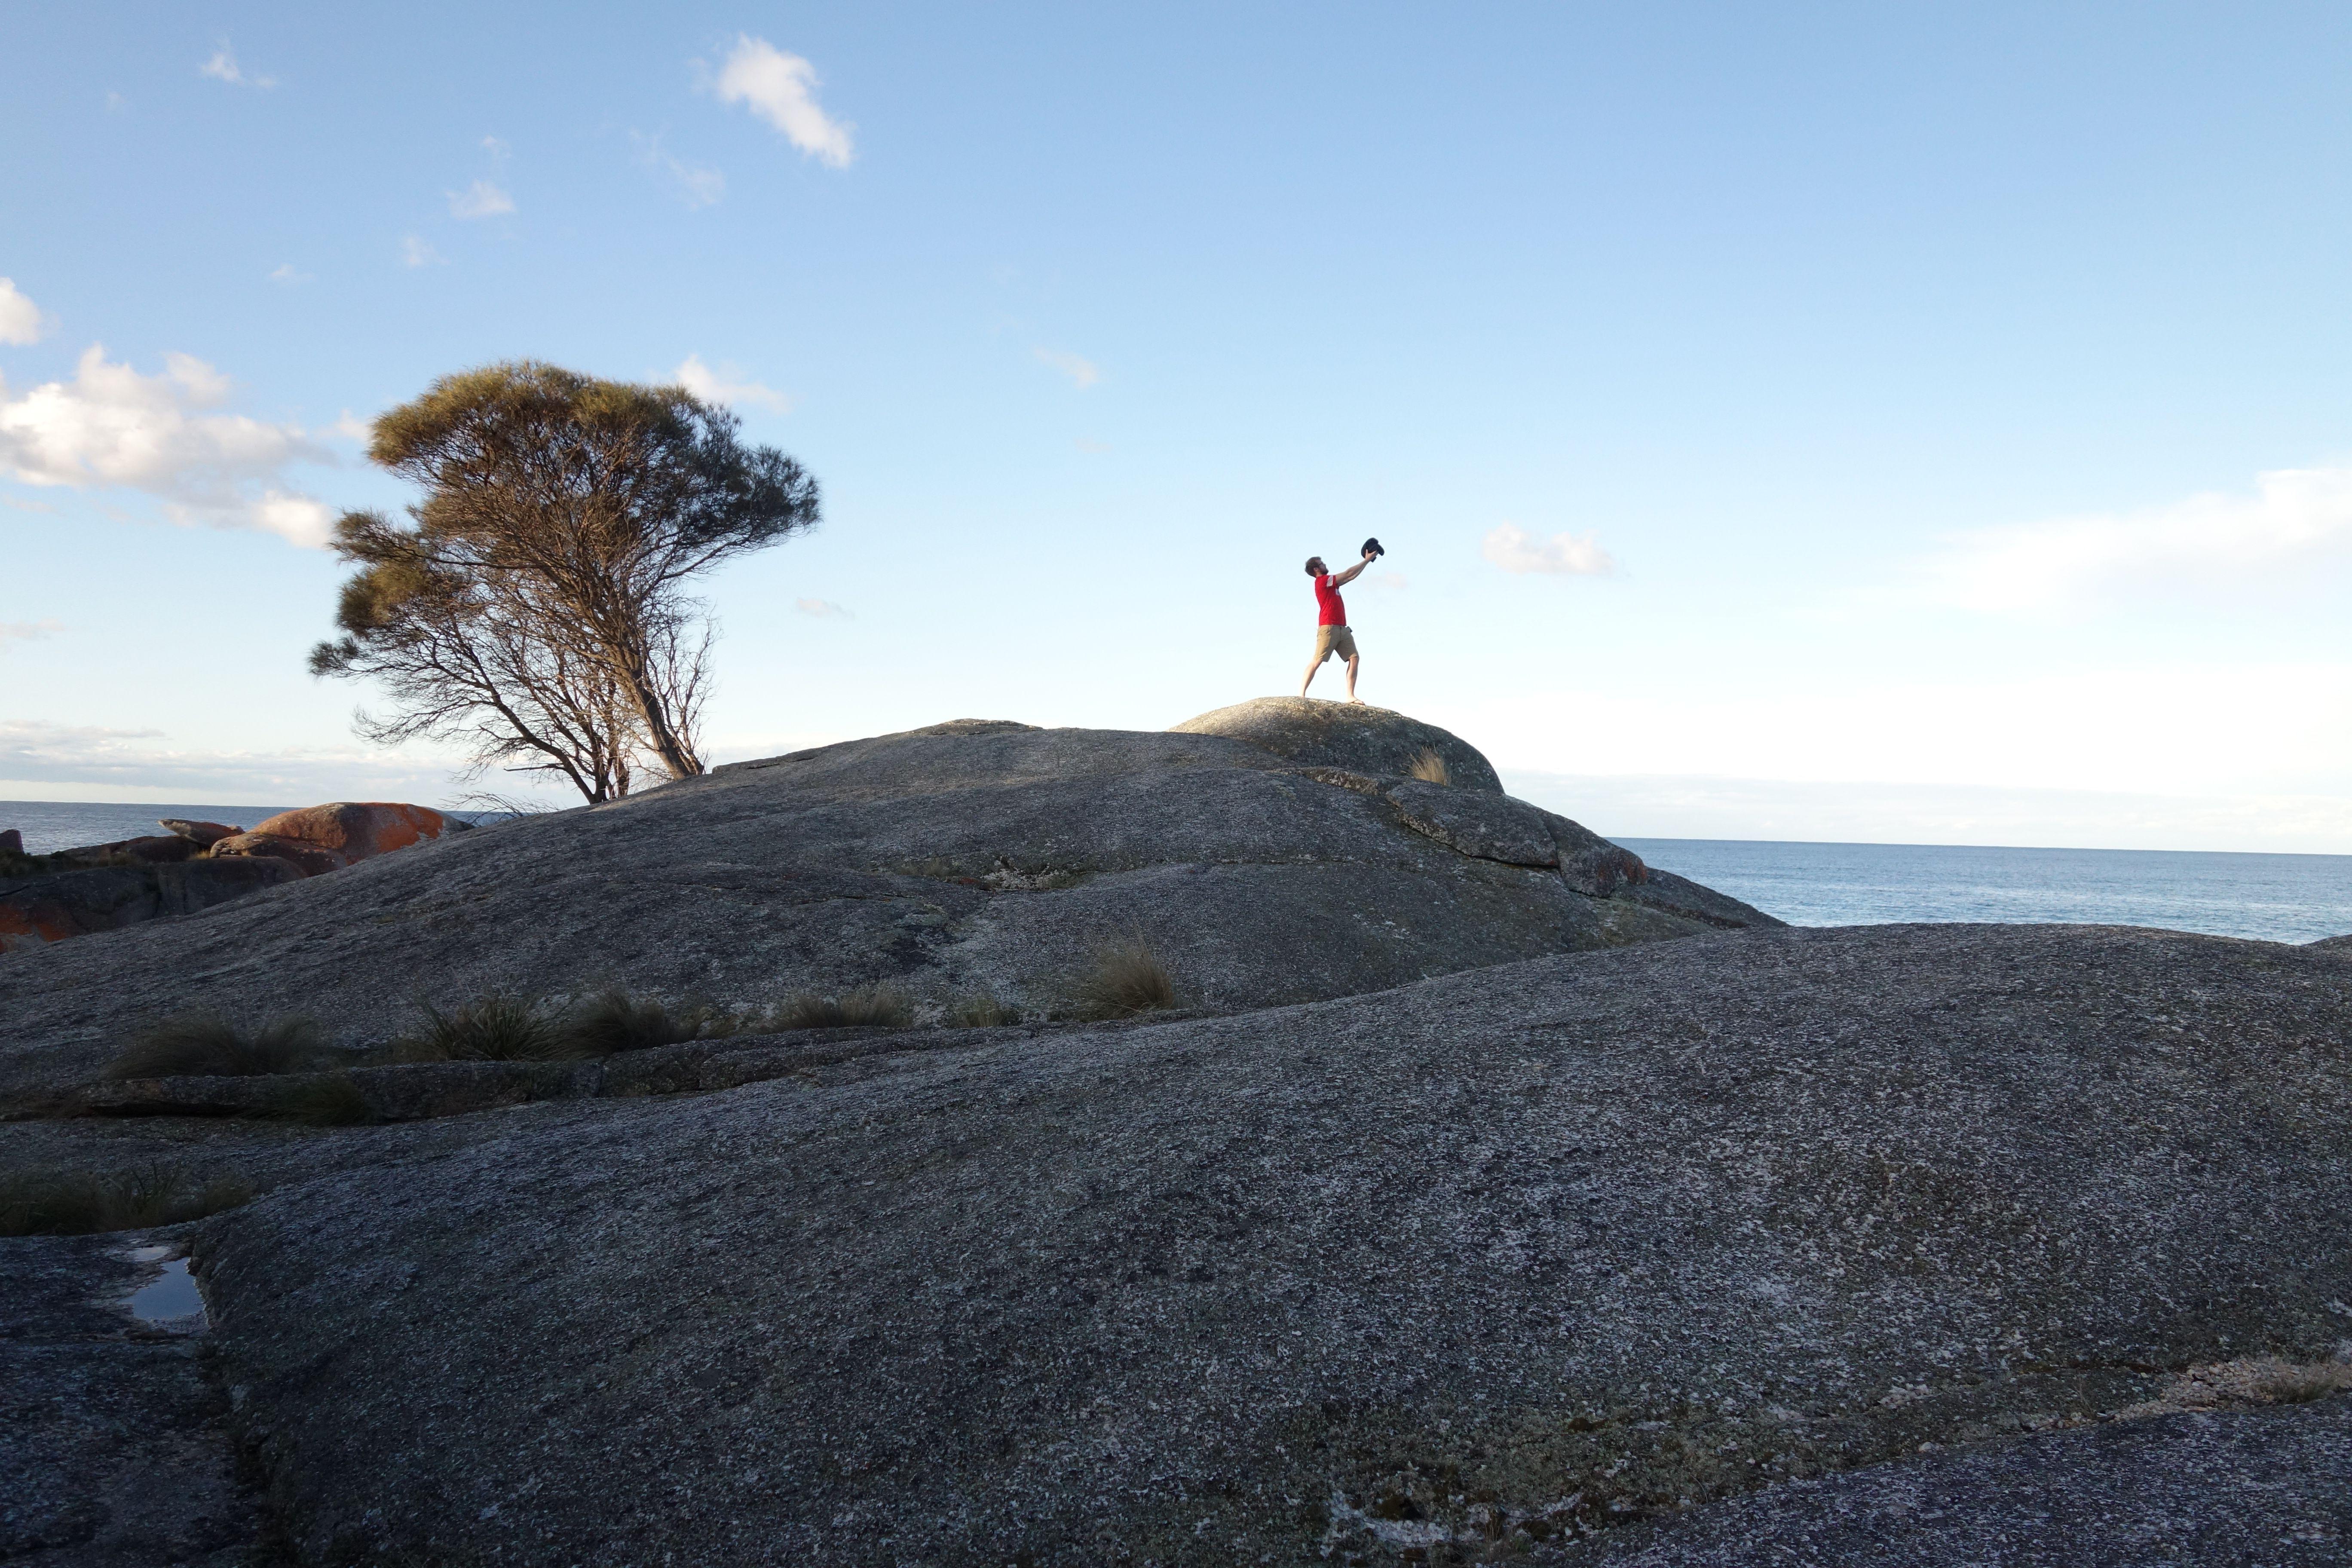 Australie- Tasmanie: Le roi Lyon!